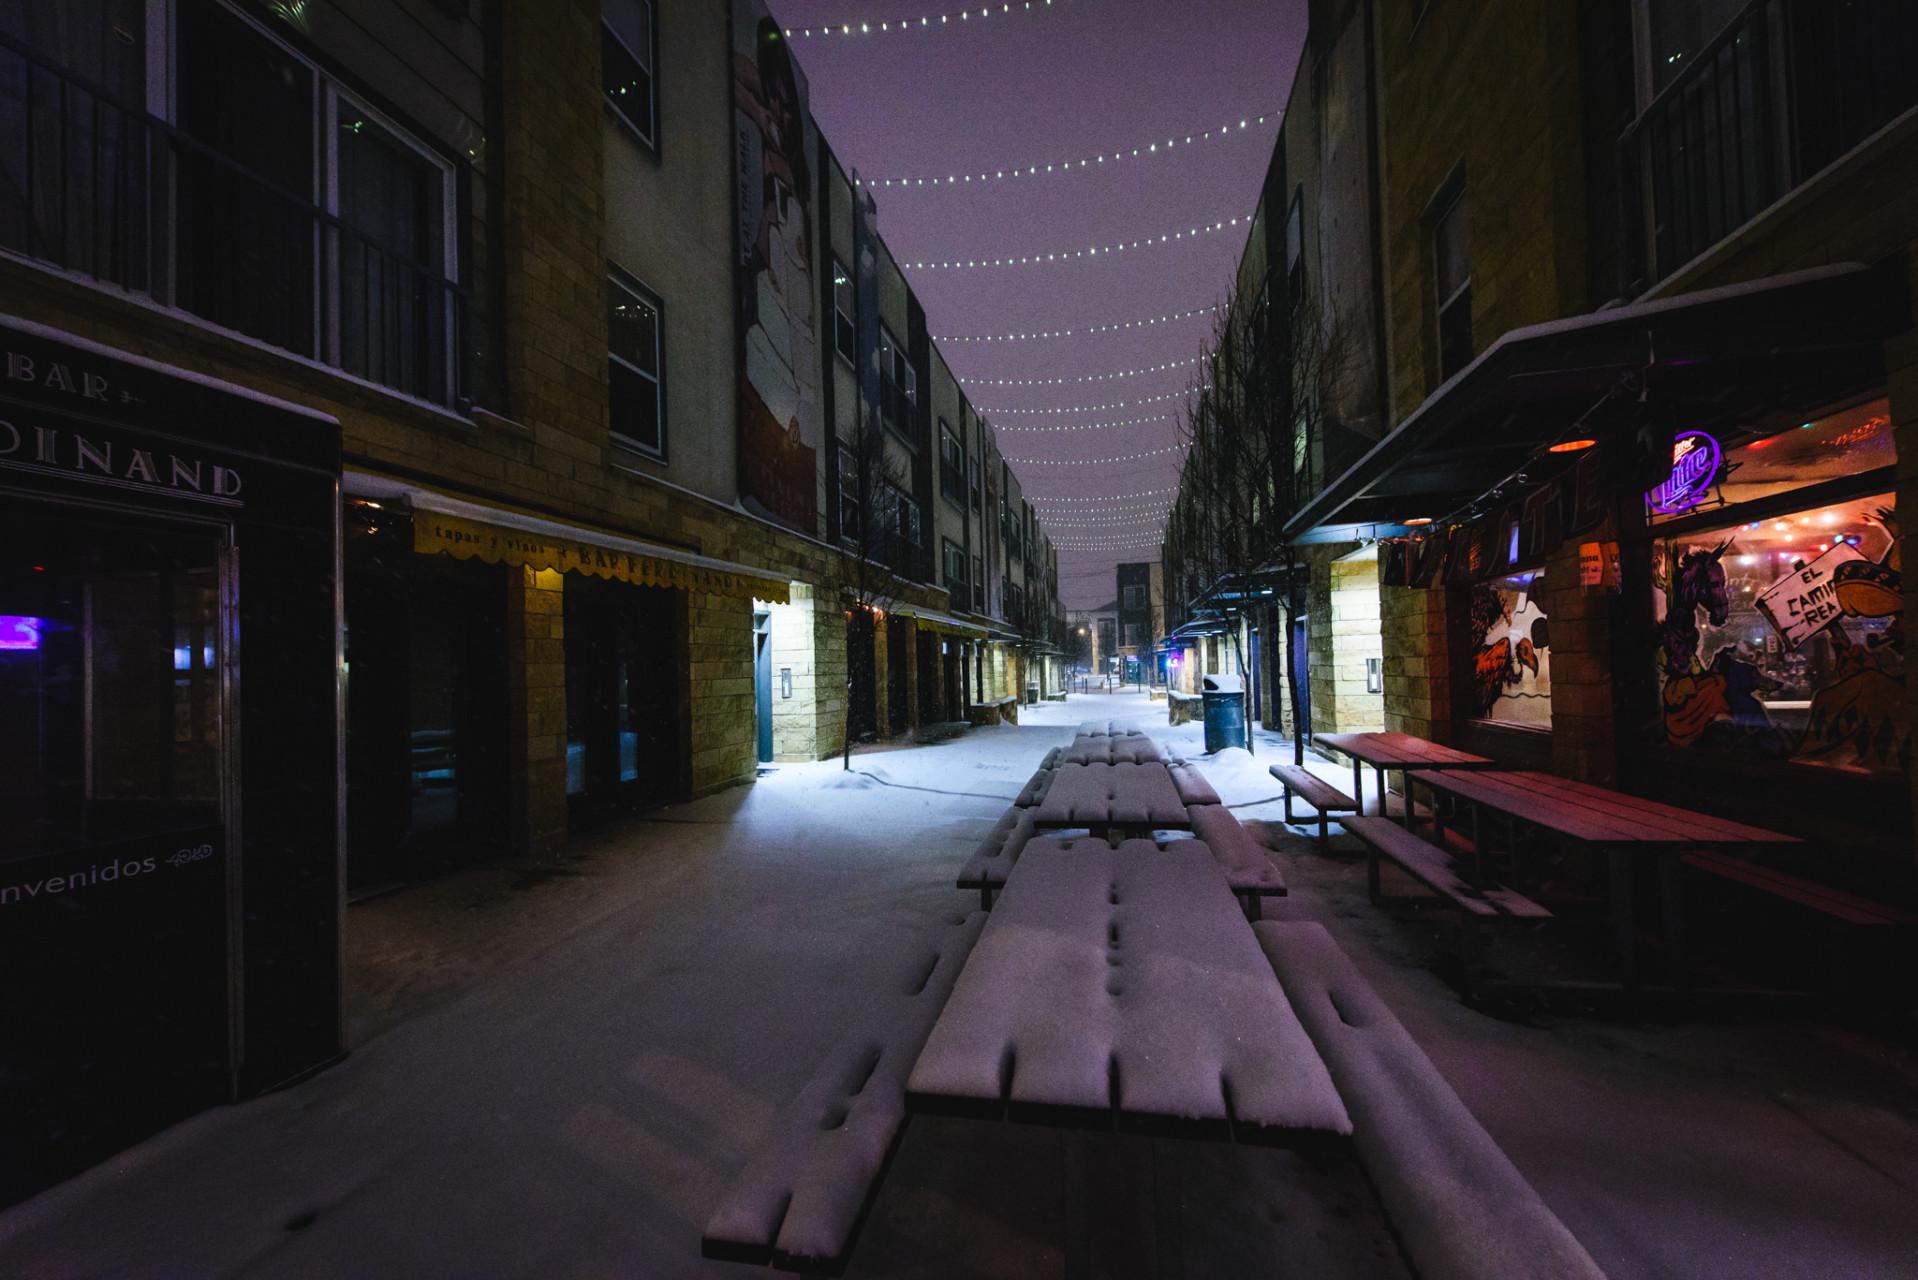 Snowstorm_GARFINKEL-13